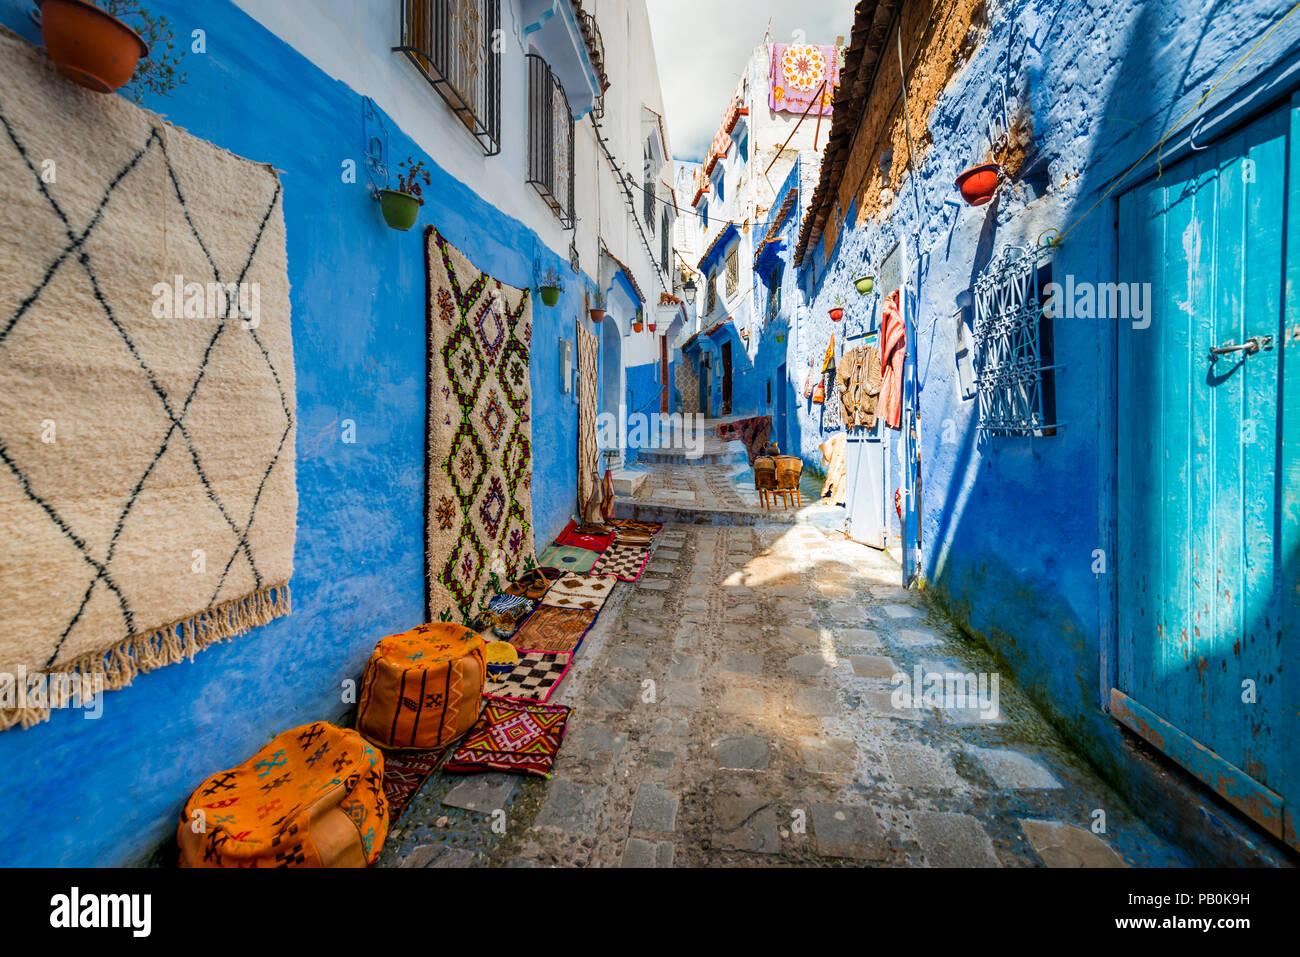 Case Blu Marocco : Vicolo stretto moquette e negozi di artigianato case blu medina